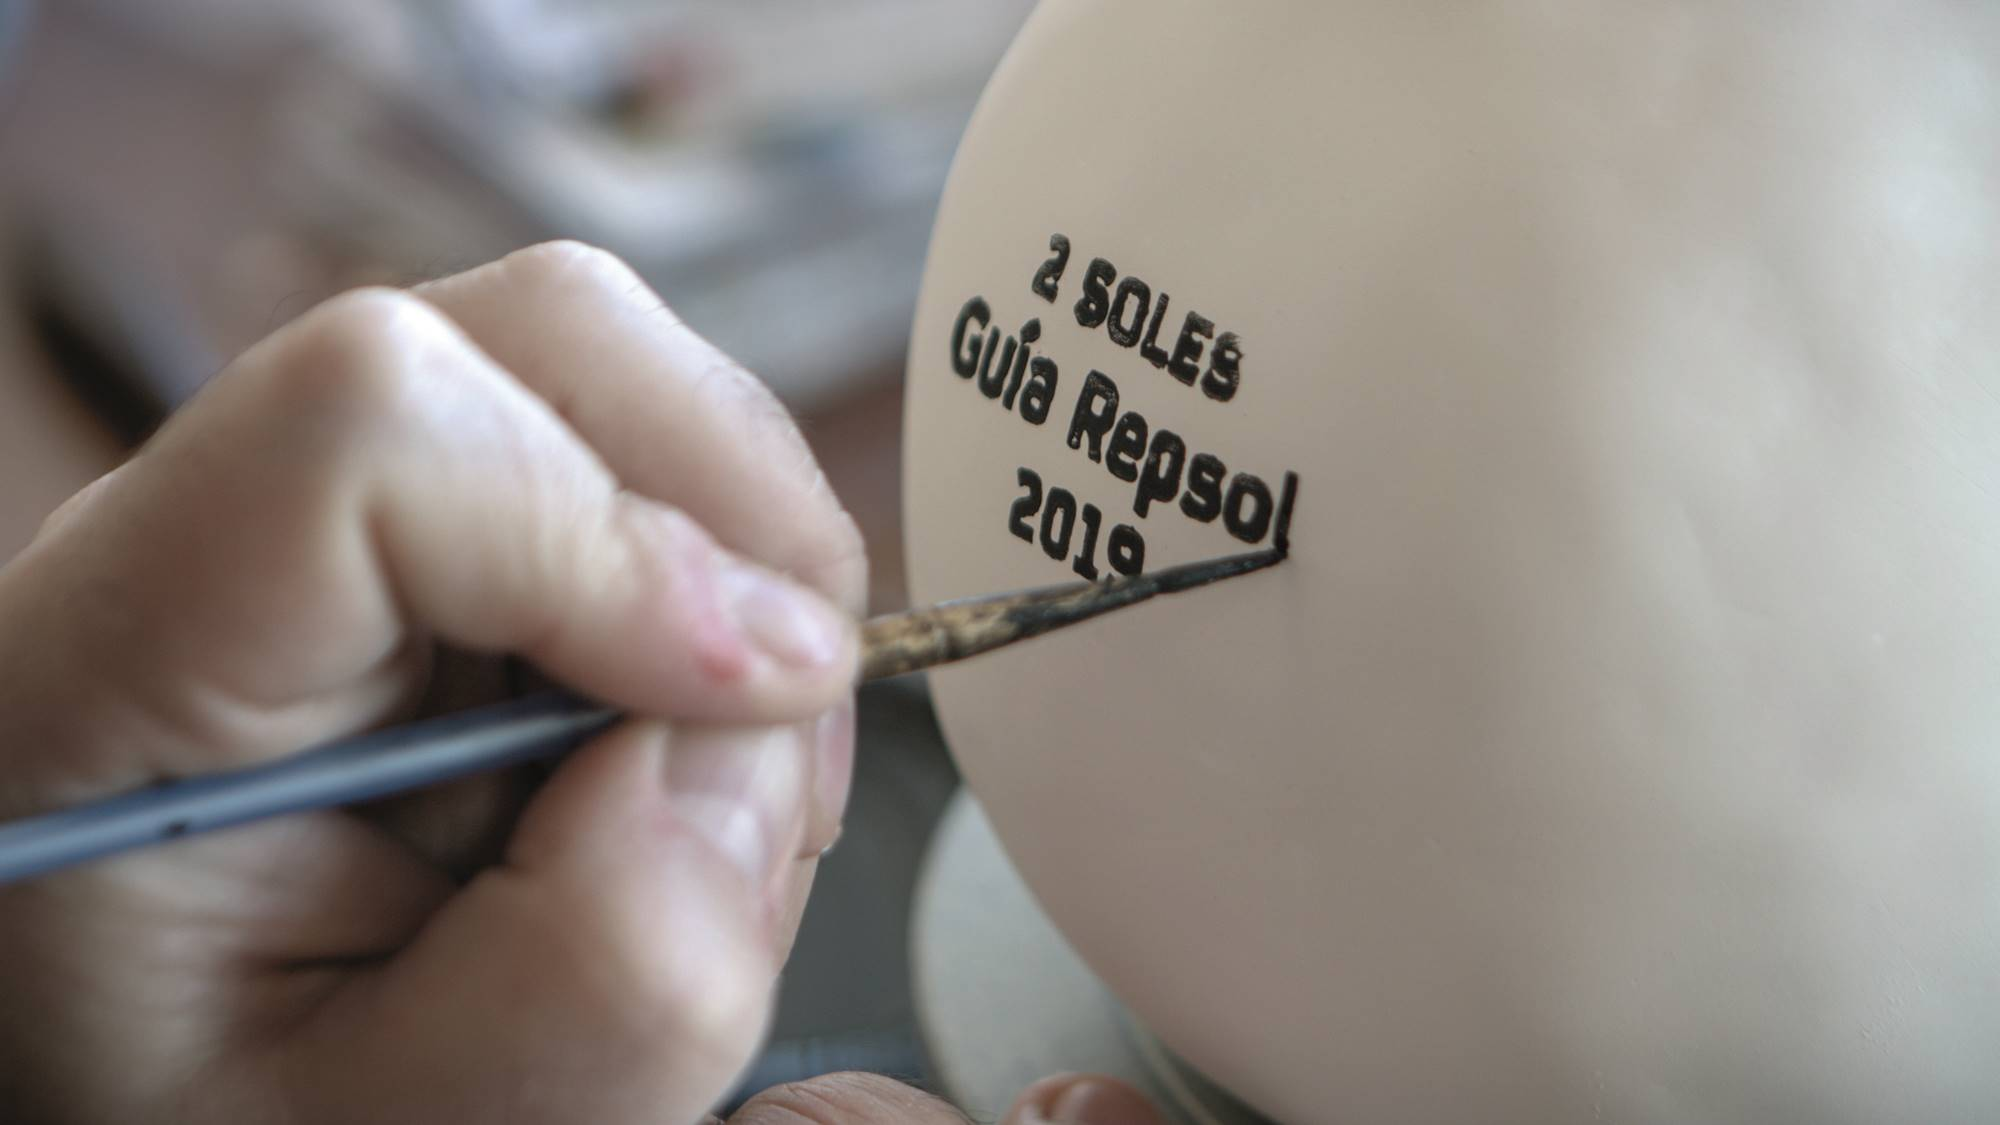 Úrculo pinta a mano cada uno de los Soles. Foto: Elisa Sánchez.